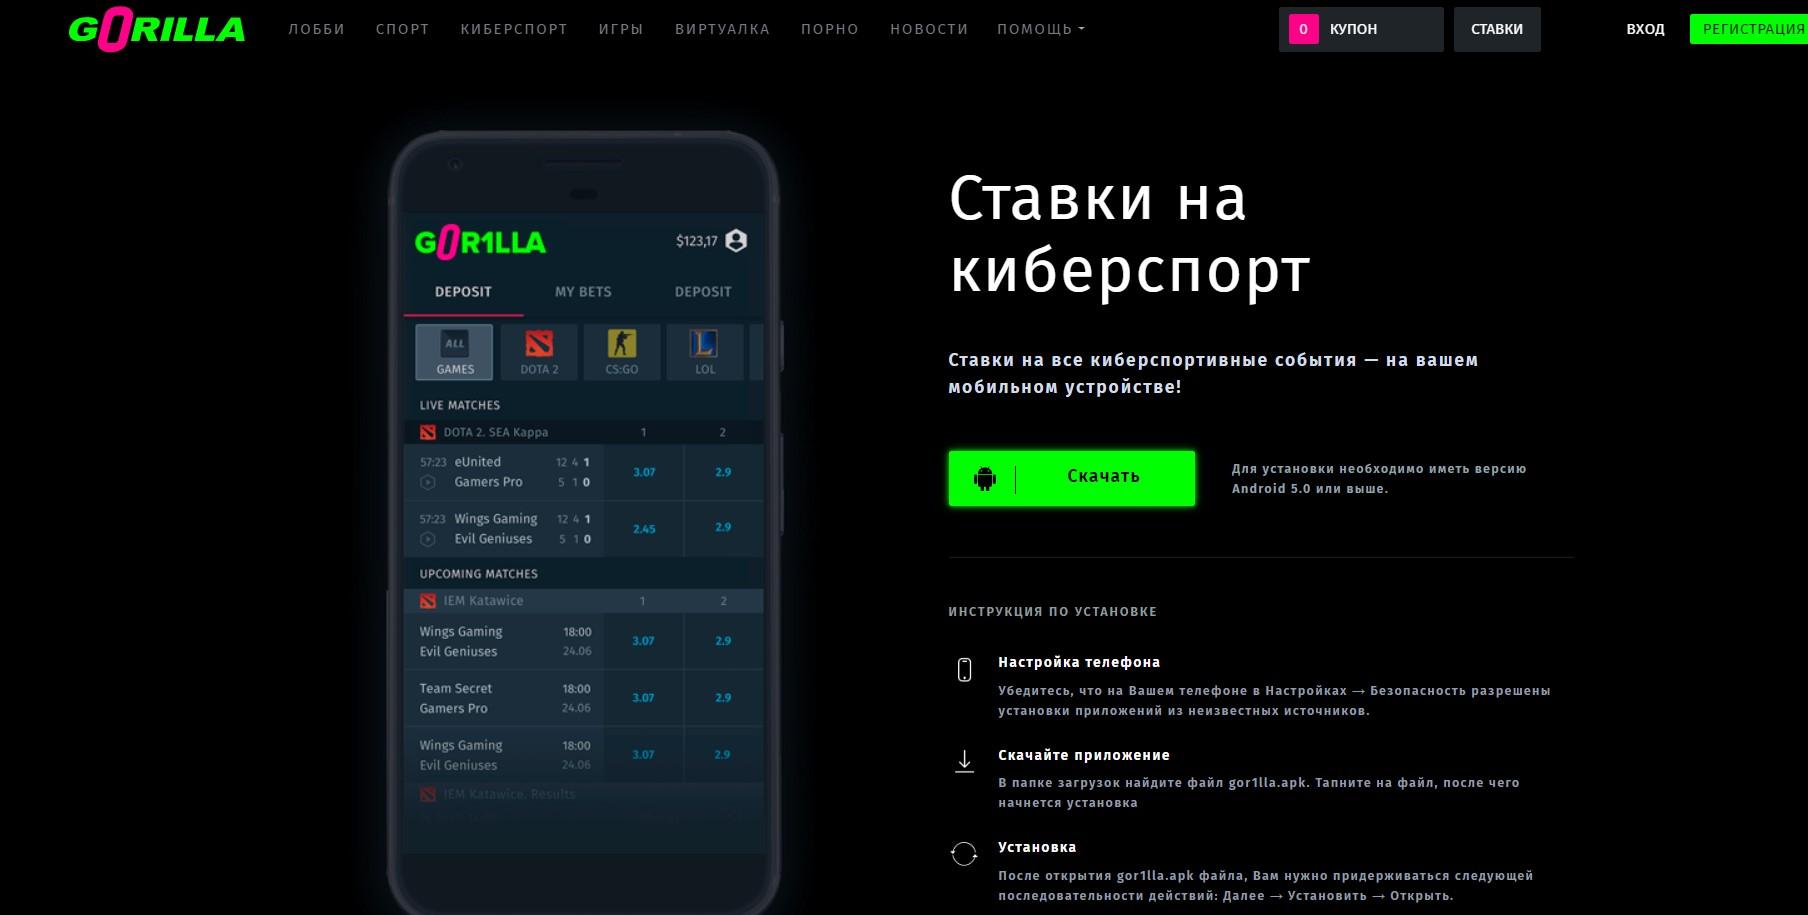 Горилла приложение